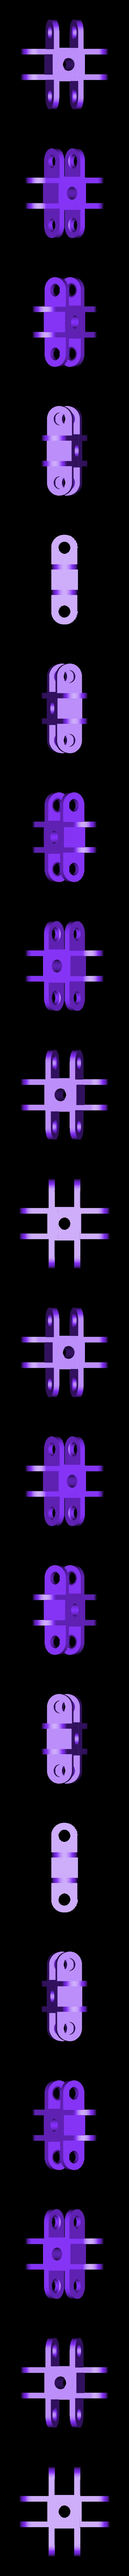 clip_x4.stl Télécharger fichier STL gratuit Jeu de construction ChainClip • Modèle à imprimer en 3D, ferjerez3d